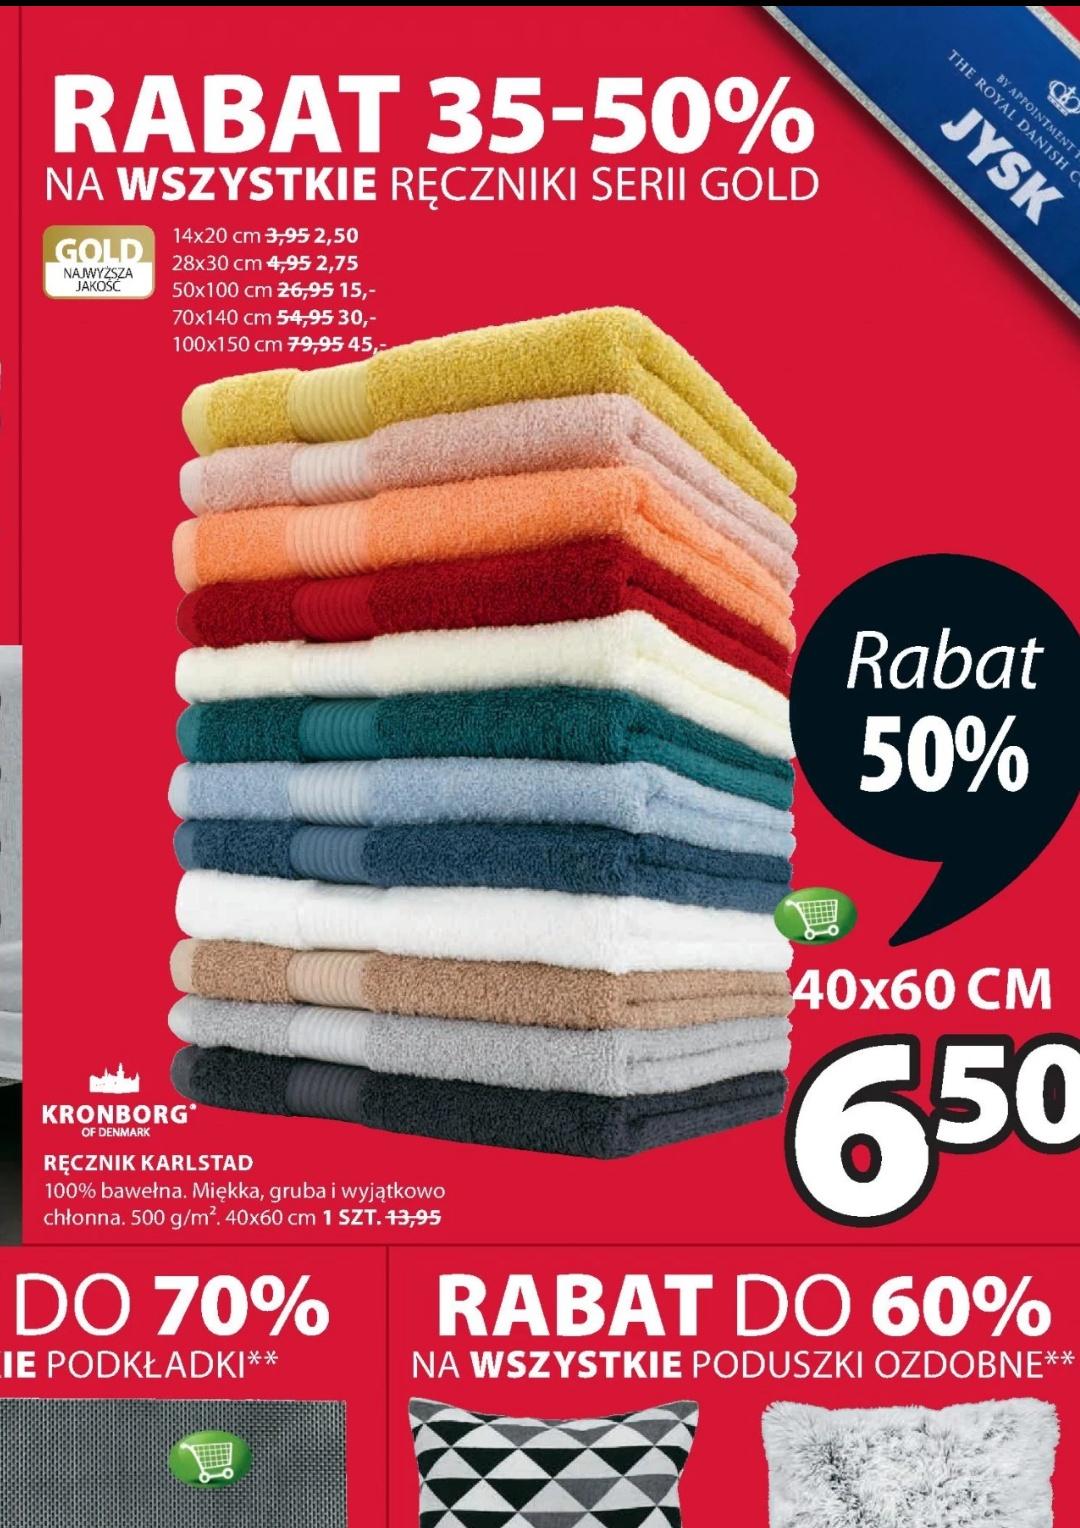 Rabat 35-50% na wszystkie ręczniki z serii gold Jysk